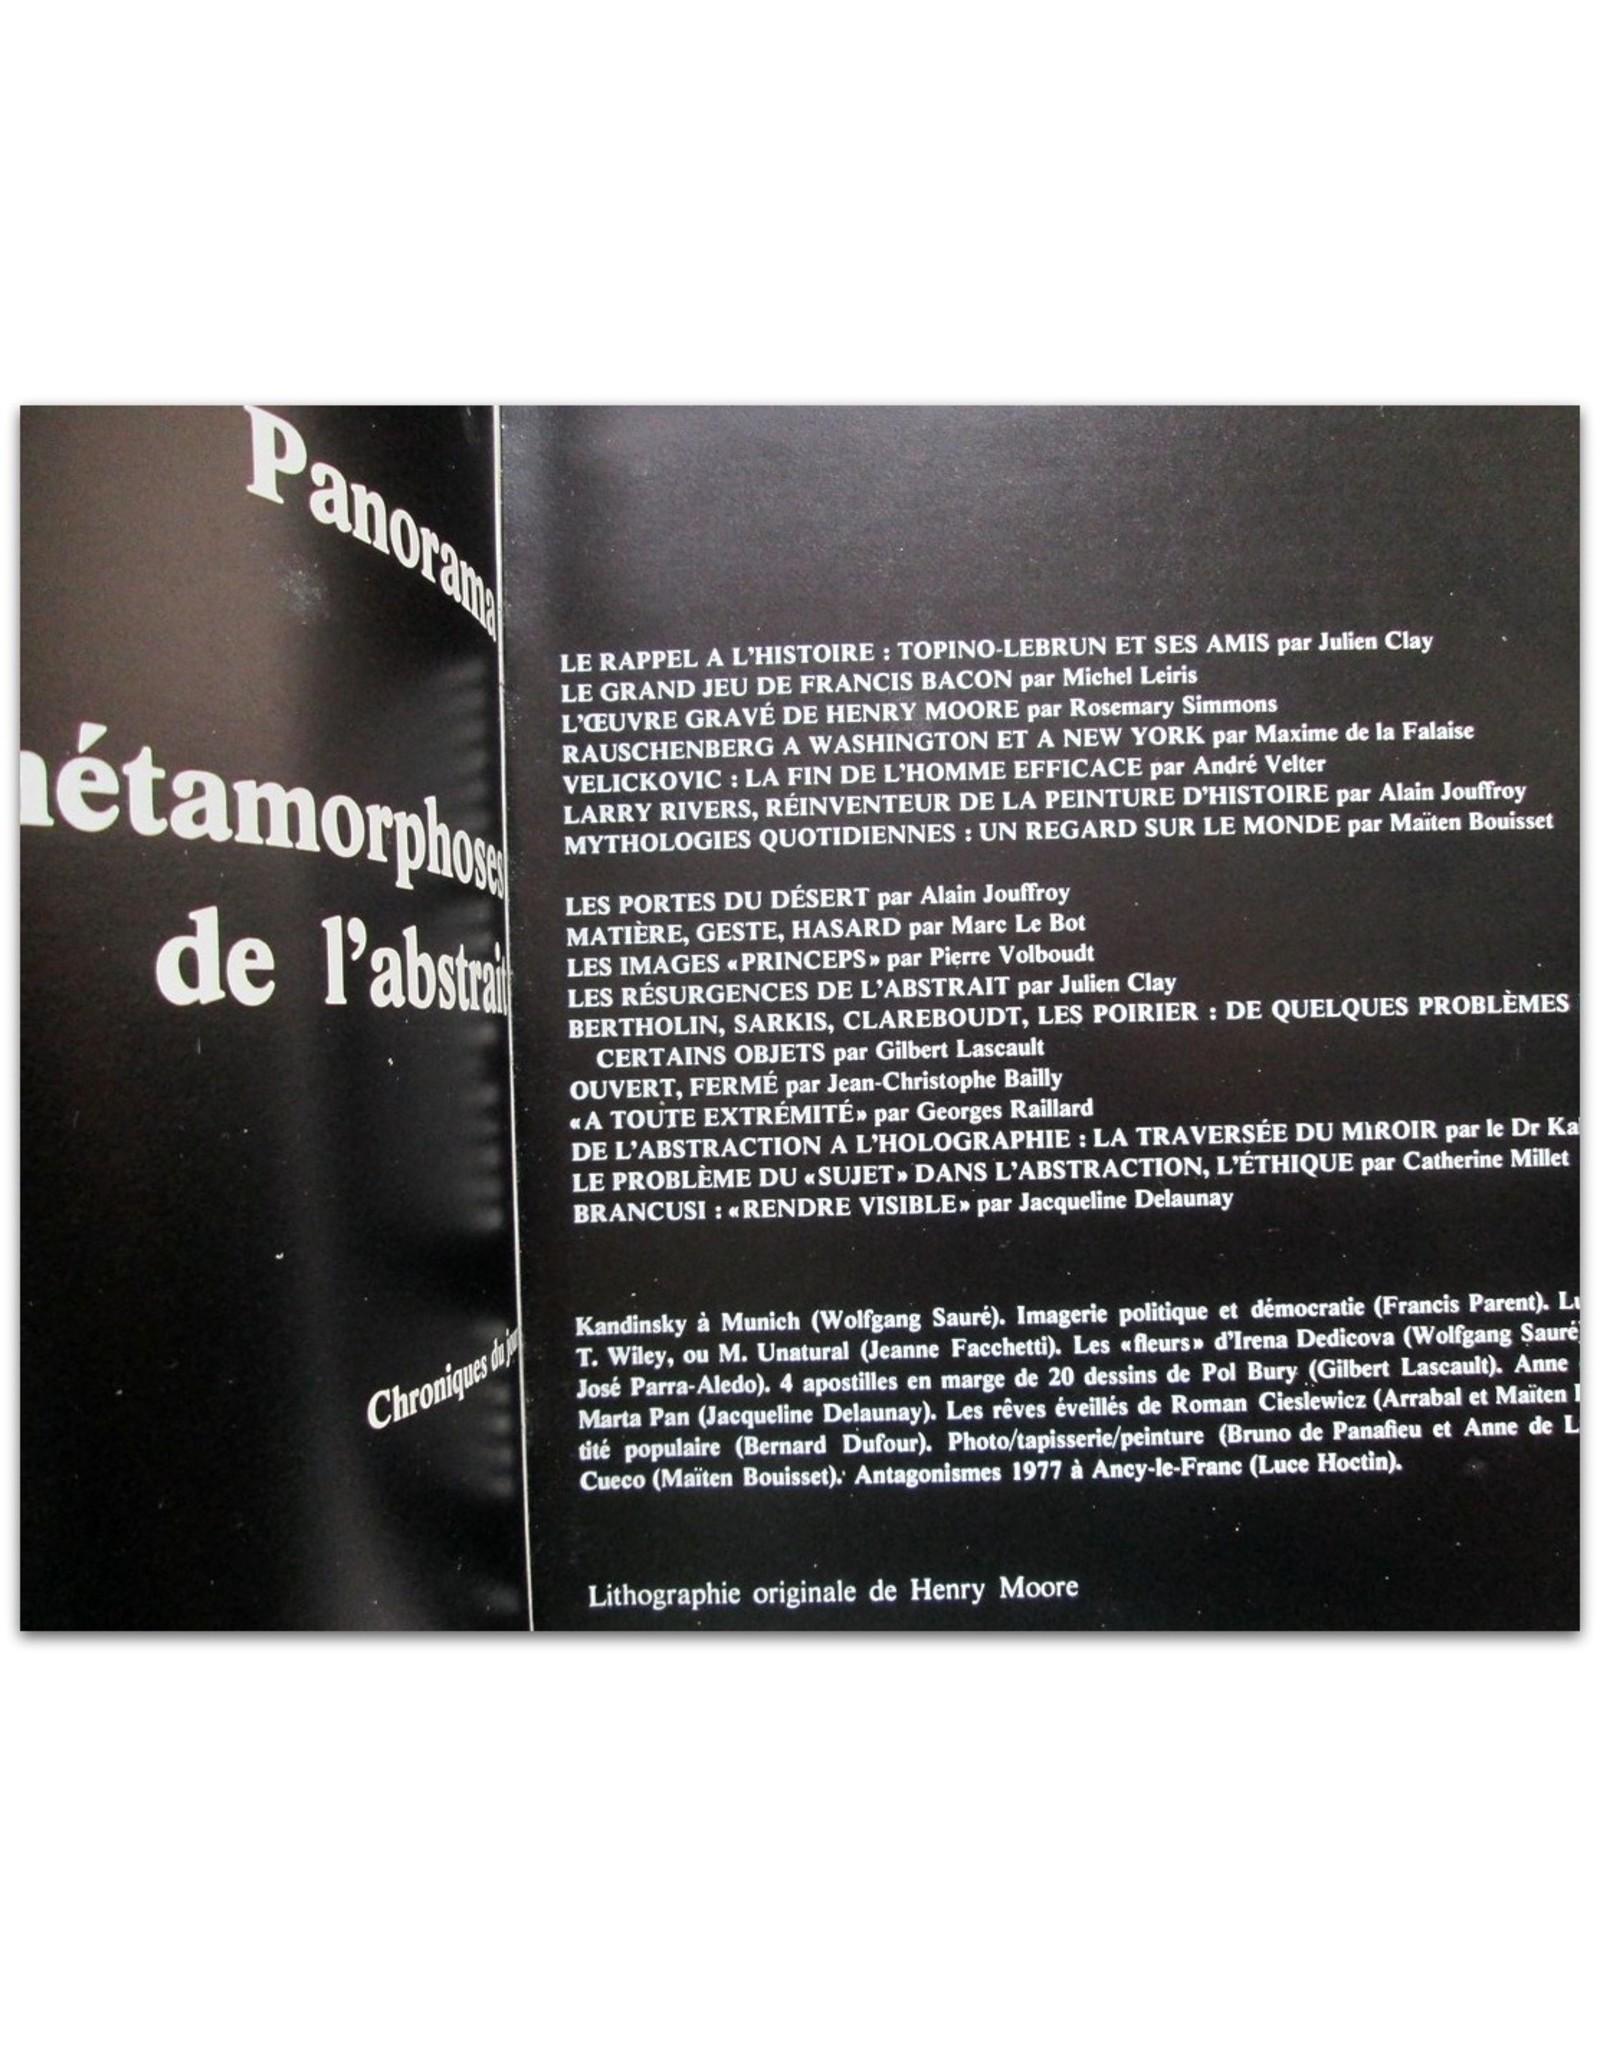 Alain Jouffroy - XXe siècle Numéro 49 Décembre 1977. Lithographie originale de Henry Moore